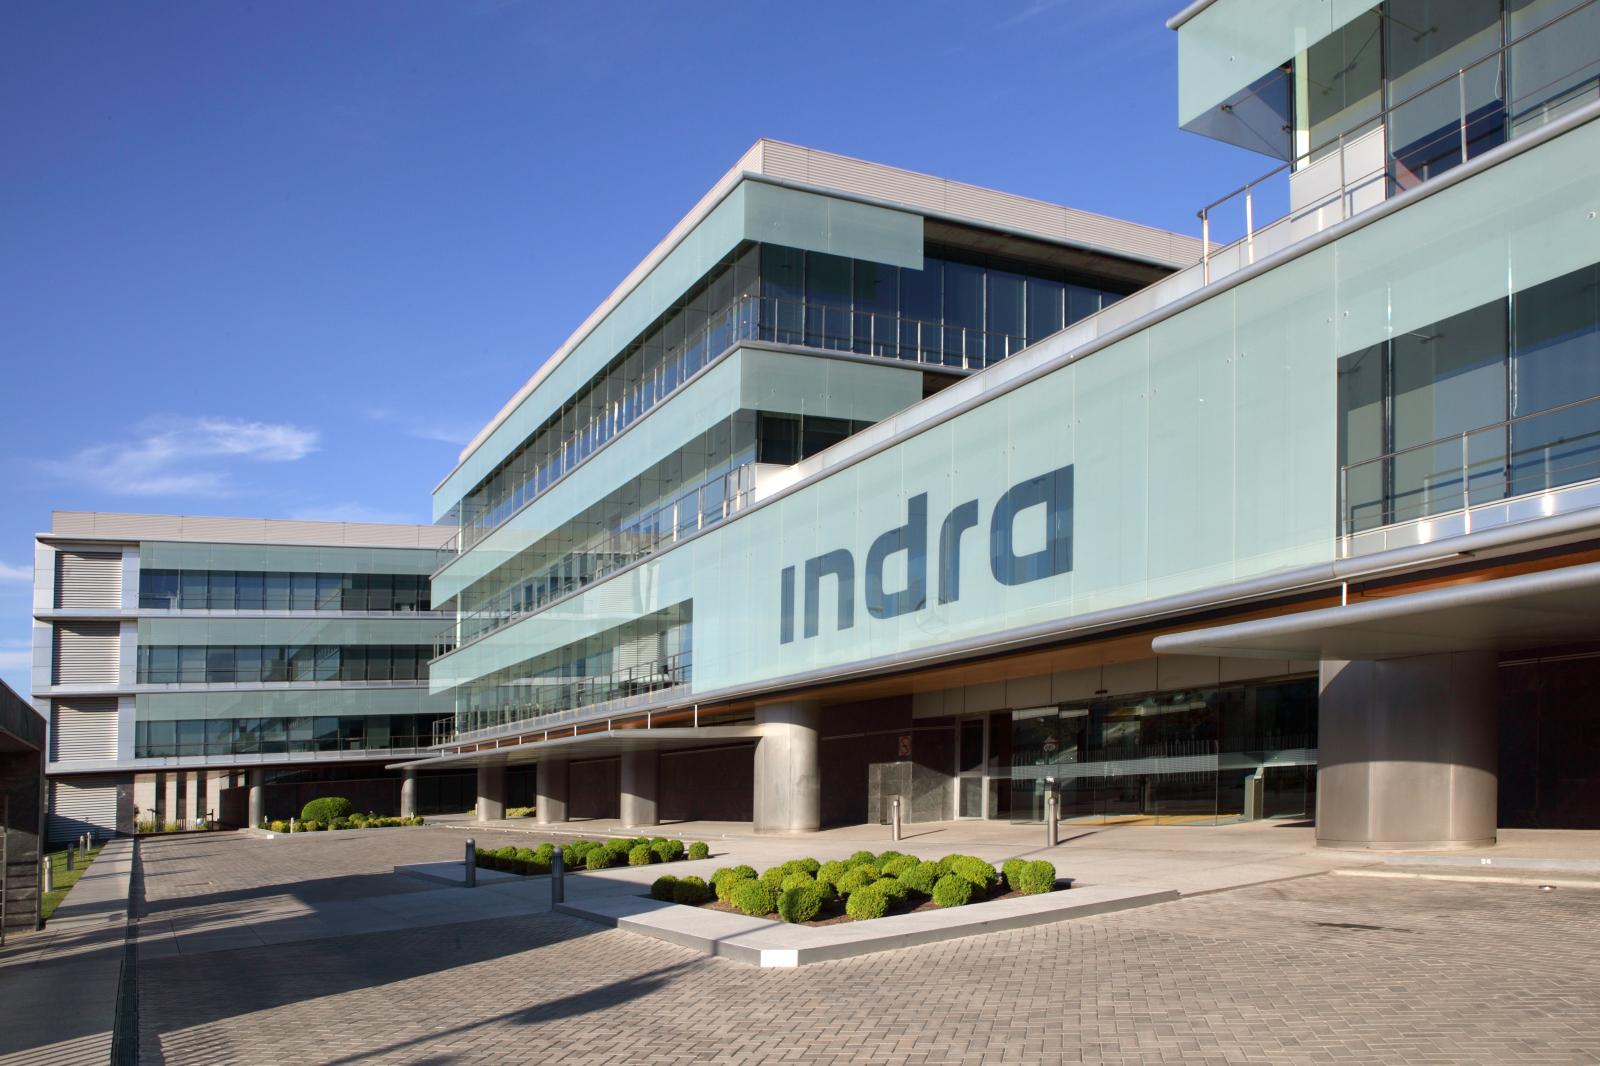 Indra rafforza la protezione dei cittadini europei contro i fenomeni climatici estremi